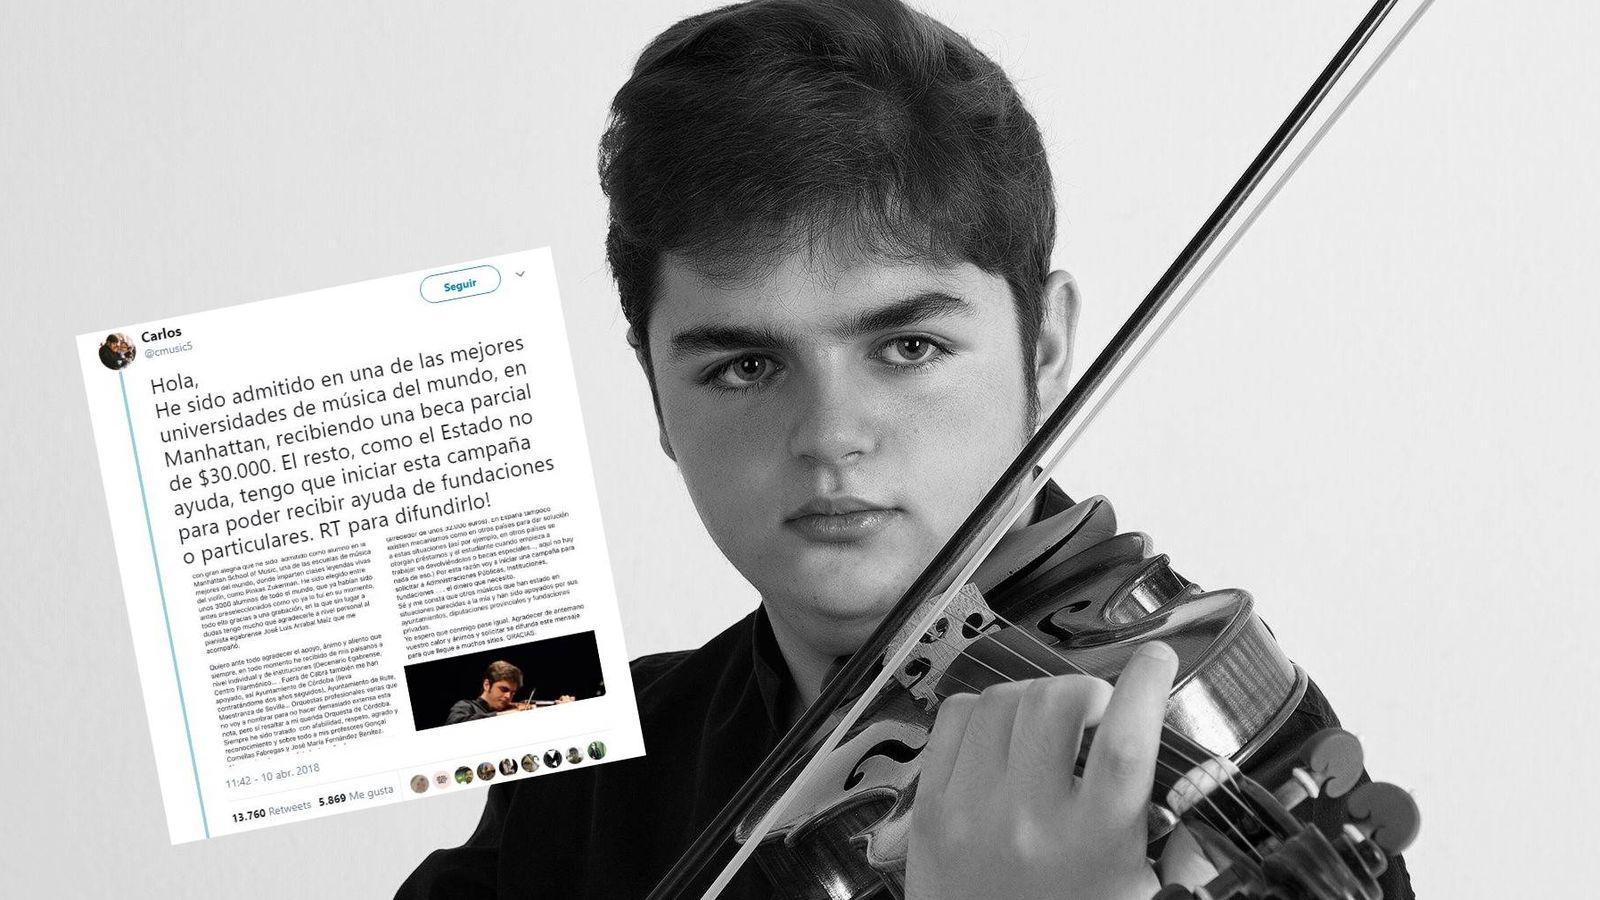 Foto: El joven violinista ha puesto en marcha un 'crowdfunding' para financiar sus estudios. (MJ Carmona)